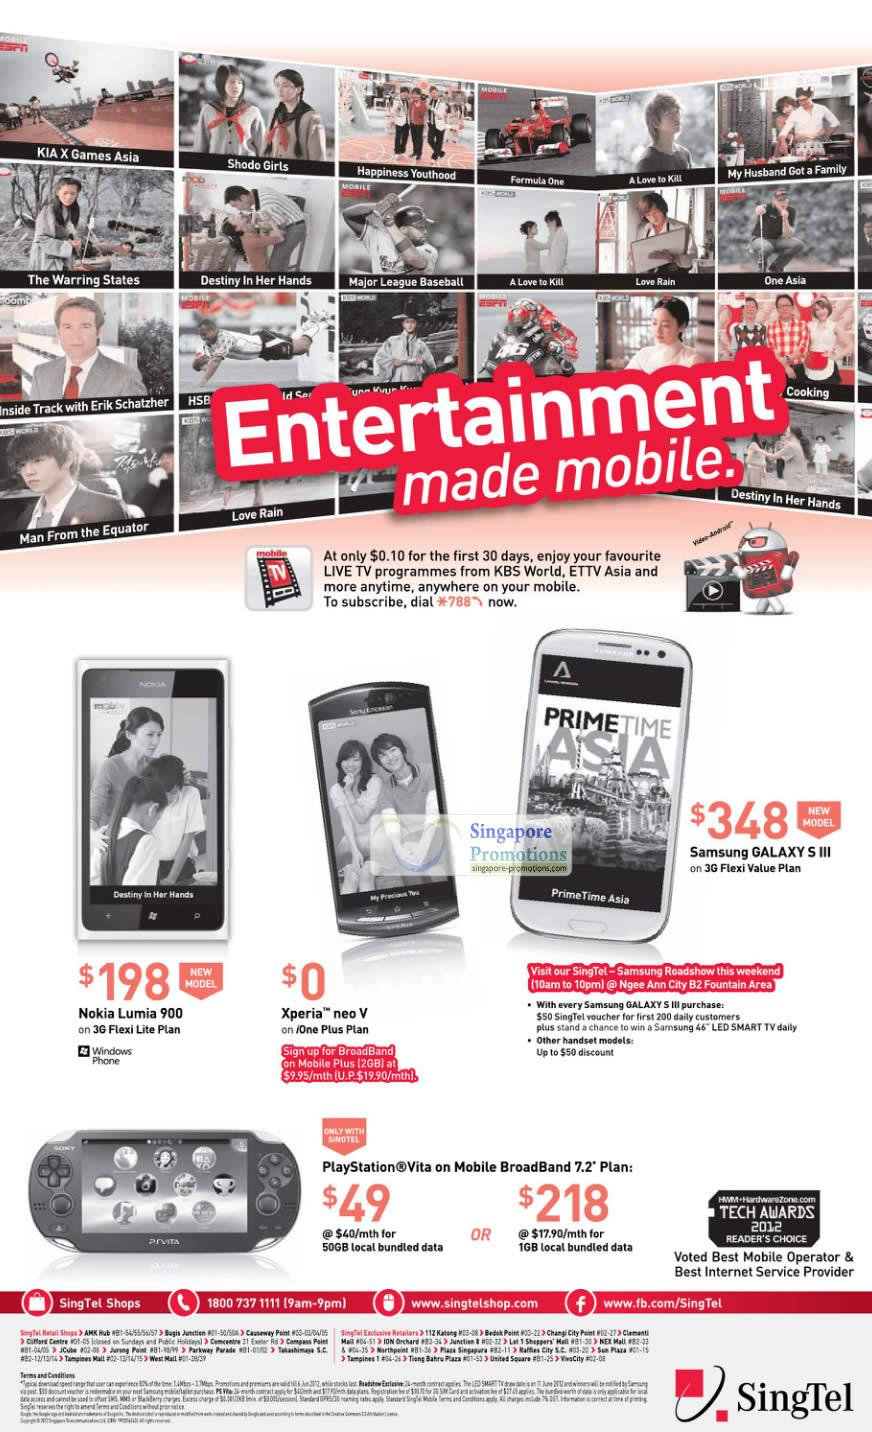 Nokia Lumia 900, Sony Xperia Neo V, Samsung Galaxy S III, Sony Playstation Vita